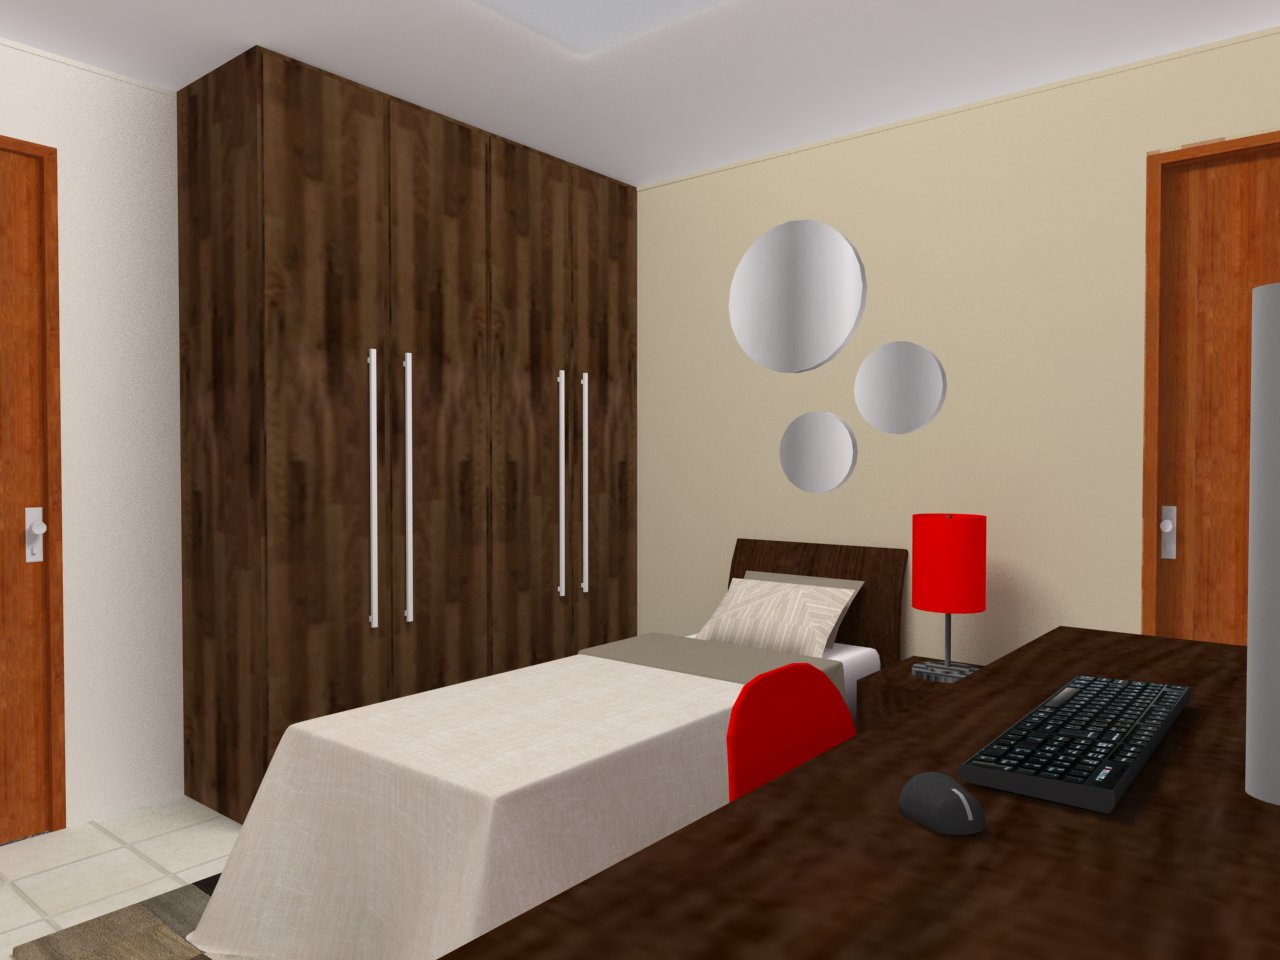 decoracao de interiores quartos de solteiro : decoracao de interiores quartos de solteiro:Design, Decoração, Design de interiores: Projeto Quarto de solteiro